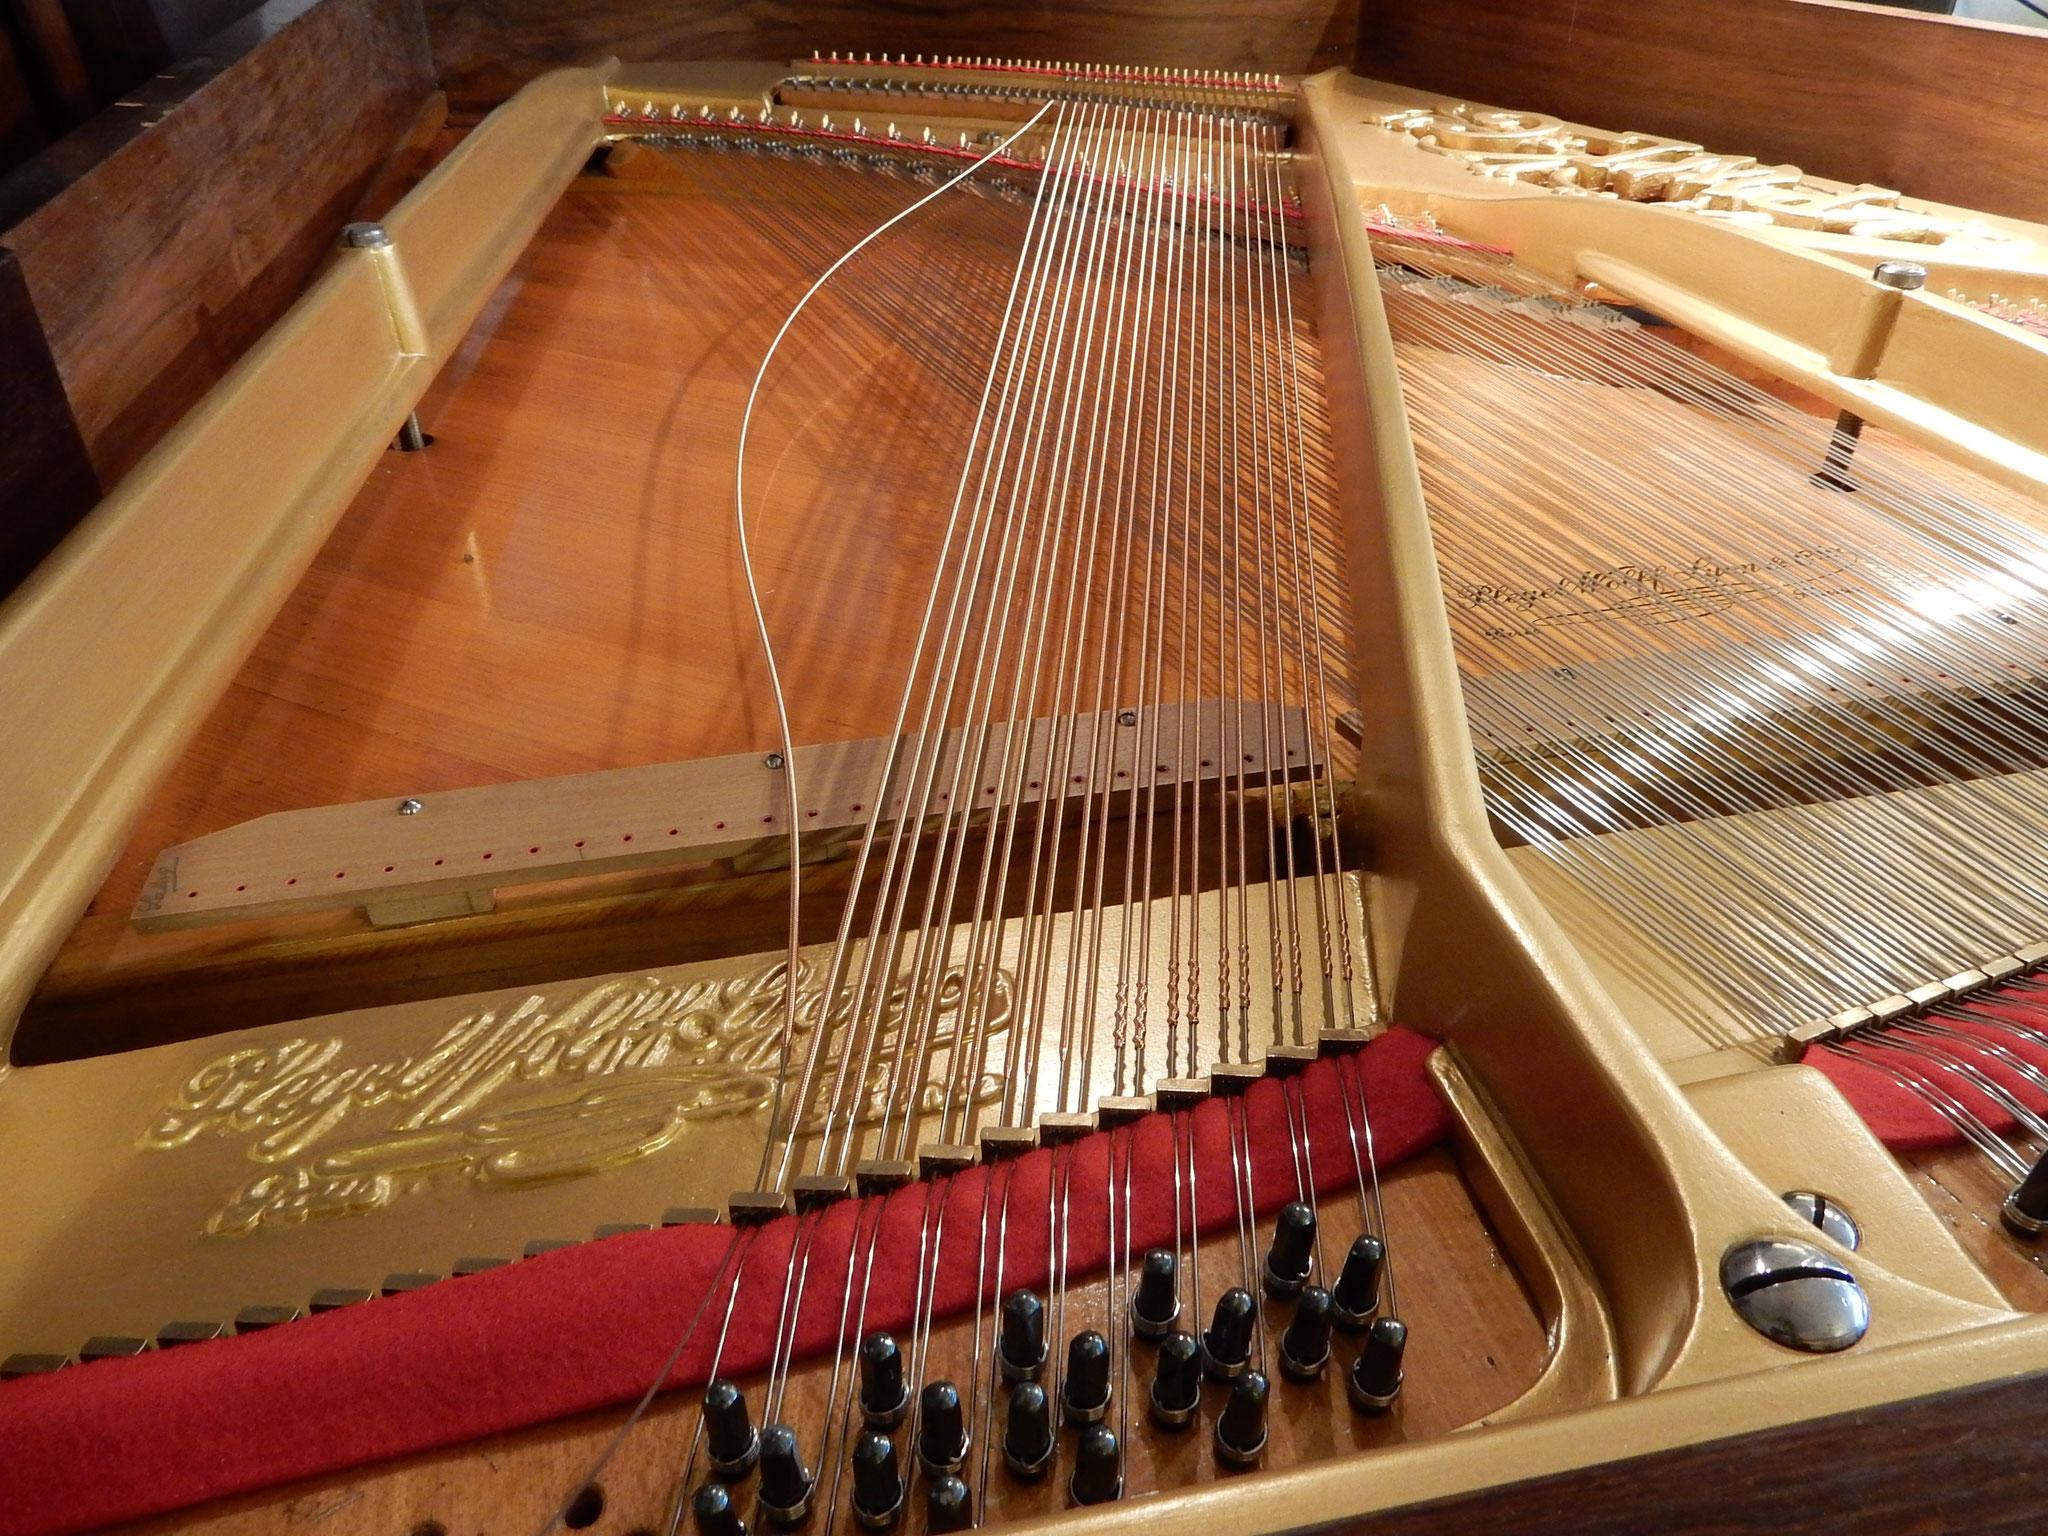 Après re-fabrication des cordes basses sur mesure par Mr Carrère, la pose des cordes